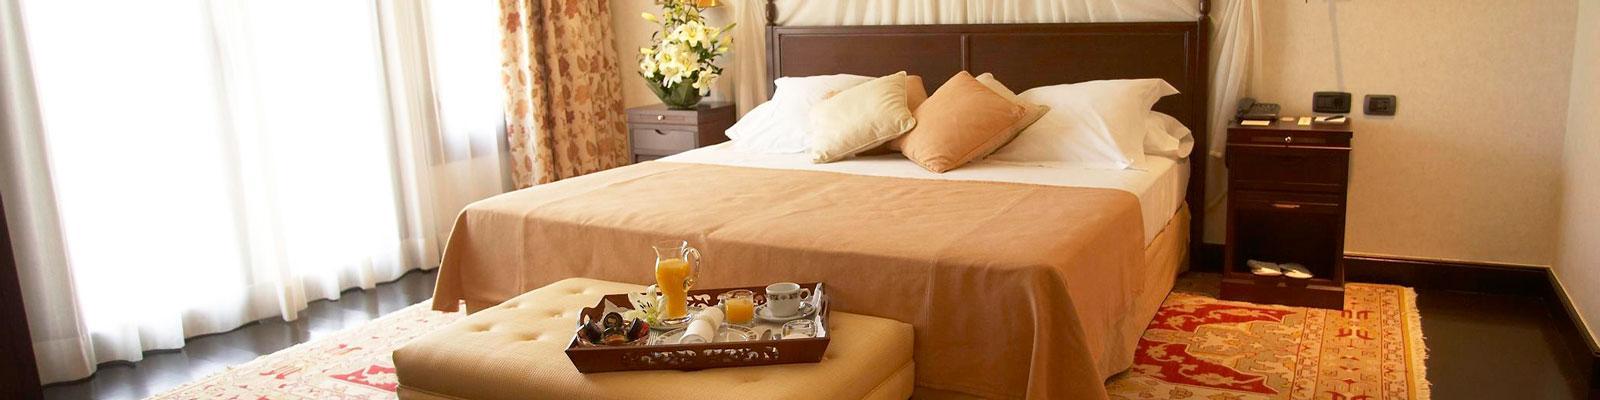 Las Madrigueras Hotel & Spa - Tenerife Golf